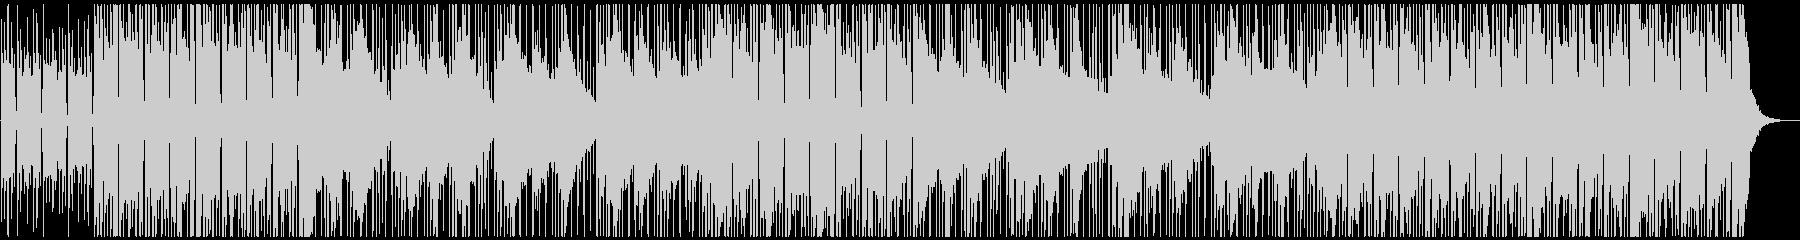 ポップ・明るい・ほのぼの・オープニングの未再生の波形